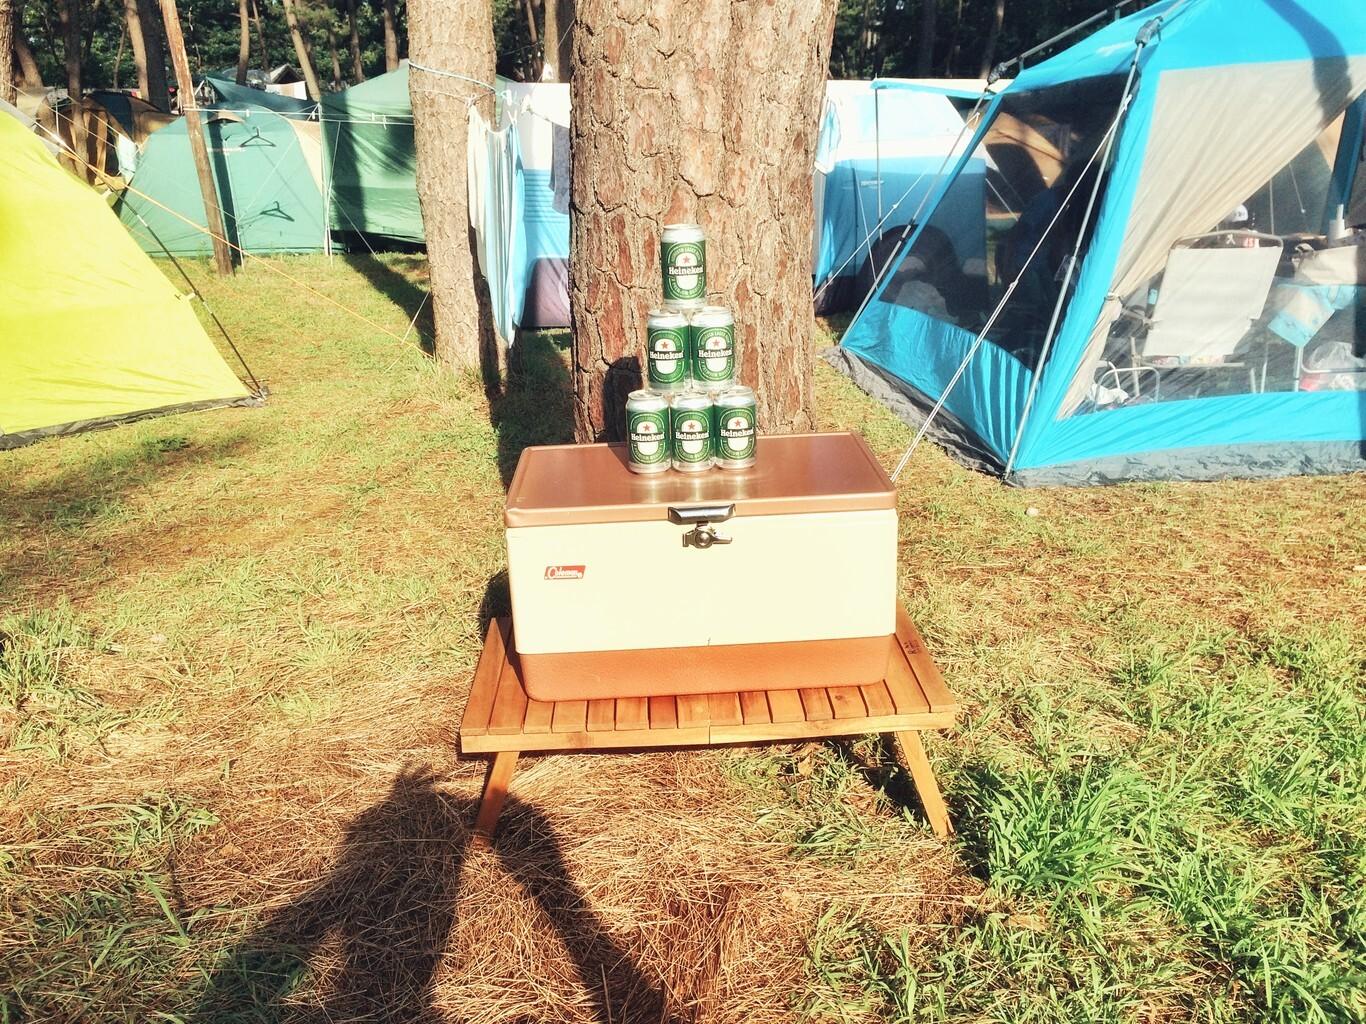 西浜コテージ村・キャンプ場 の写真p6405